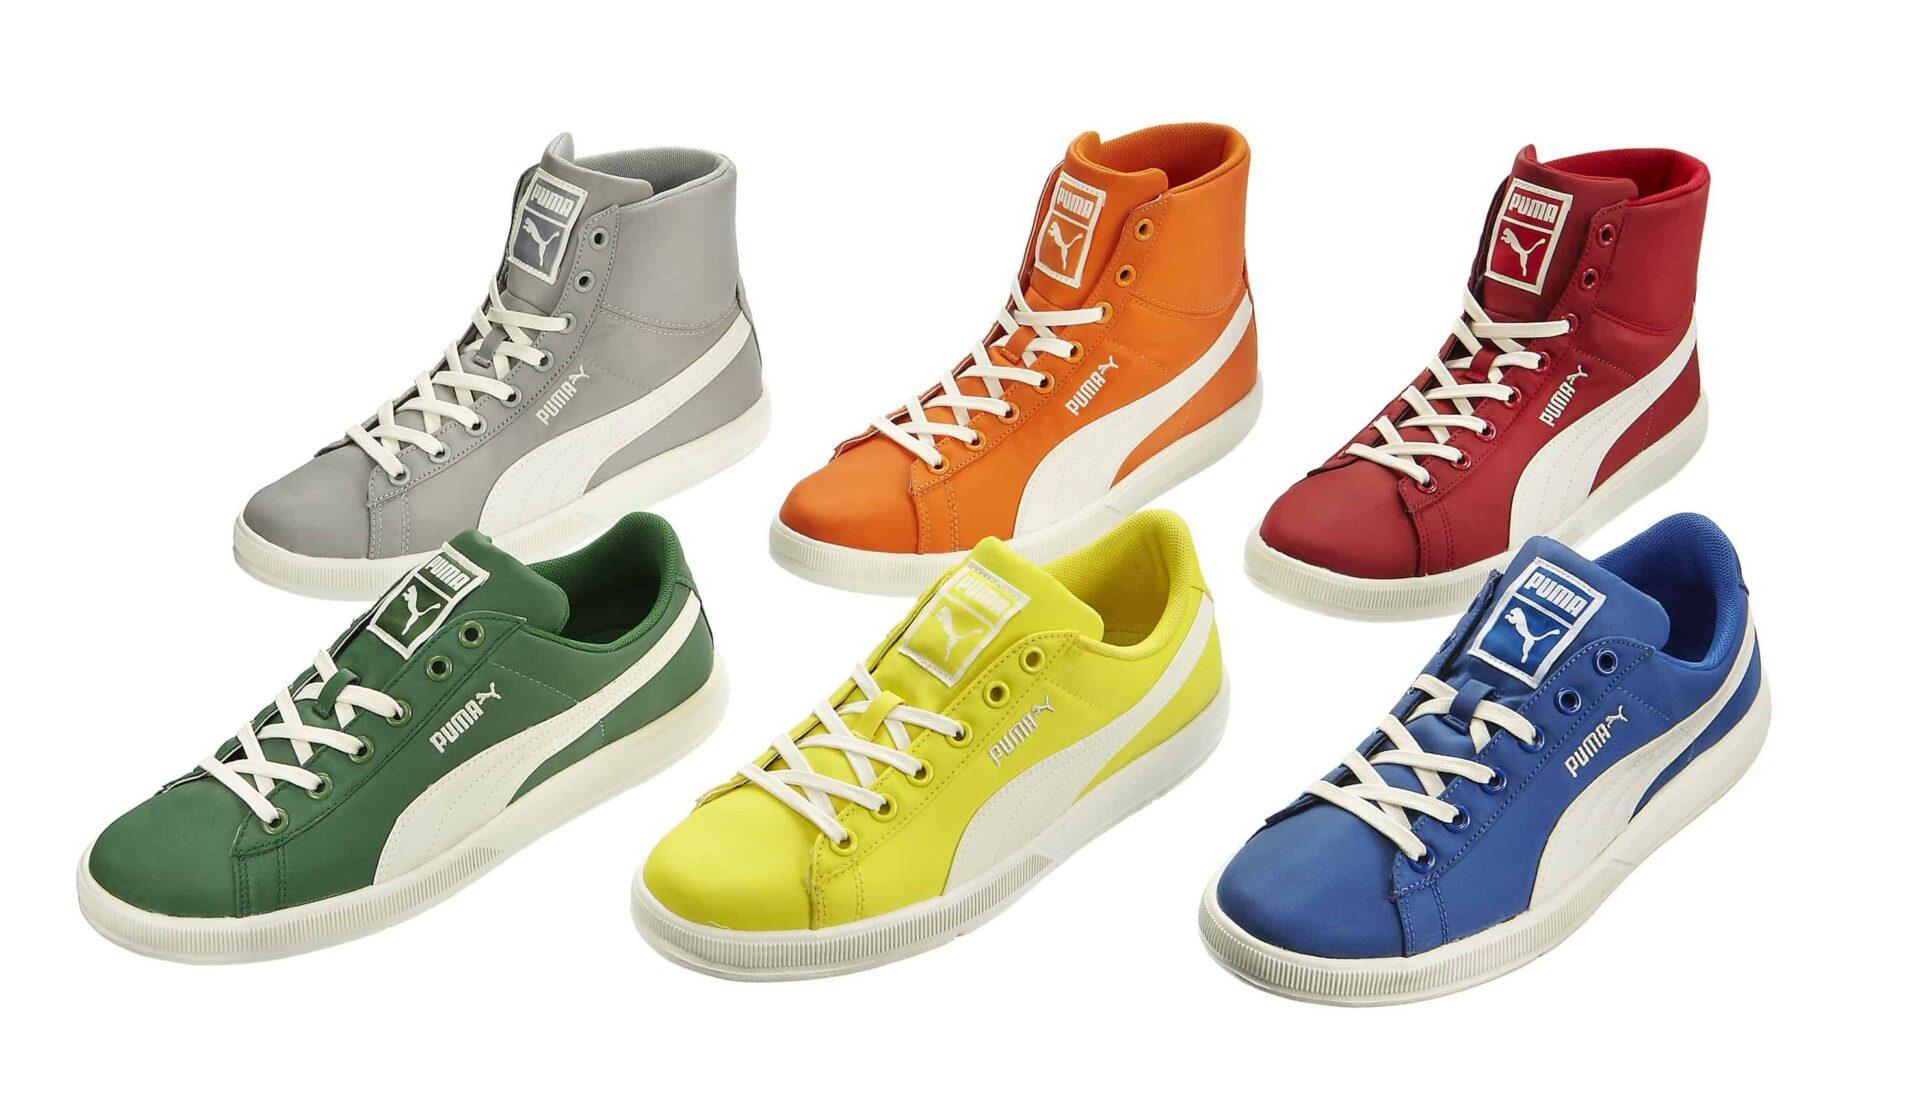 Le nuove sneakers Archive Lite by PUMA: mix di vintage e tecnologia hi-tech